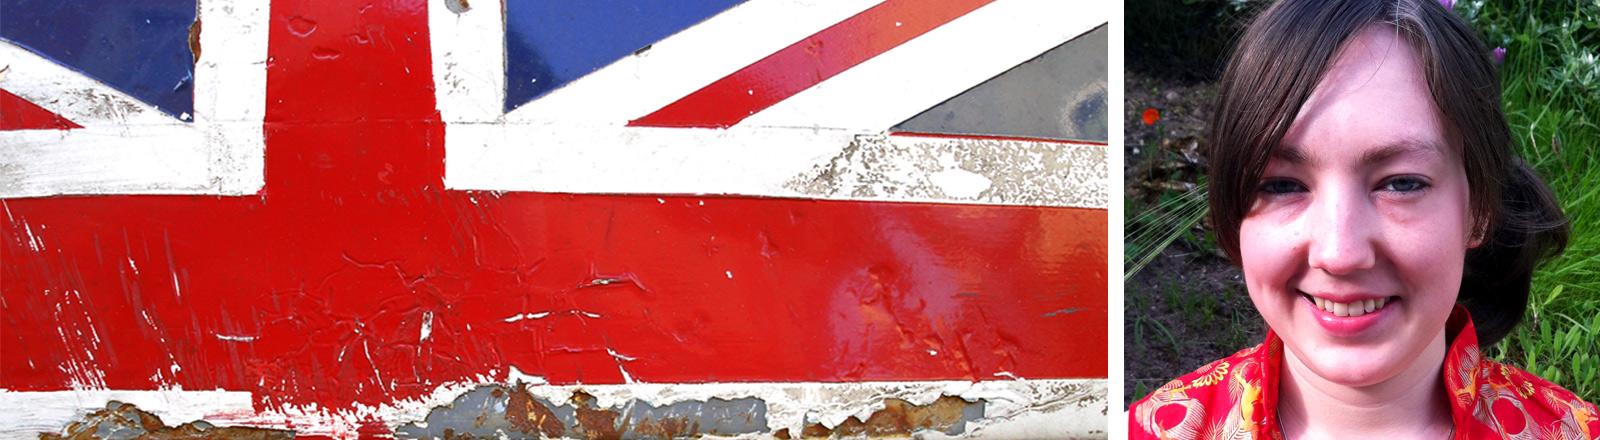 links eine etwas heruntergekommene Greatbritain-Fahne, rechts die Britin Lucy Scanton